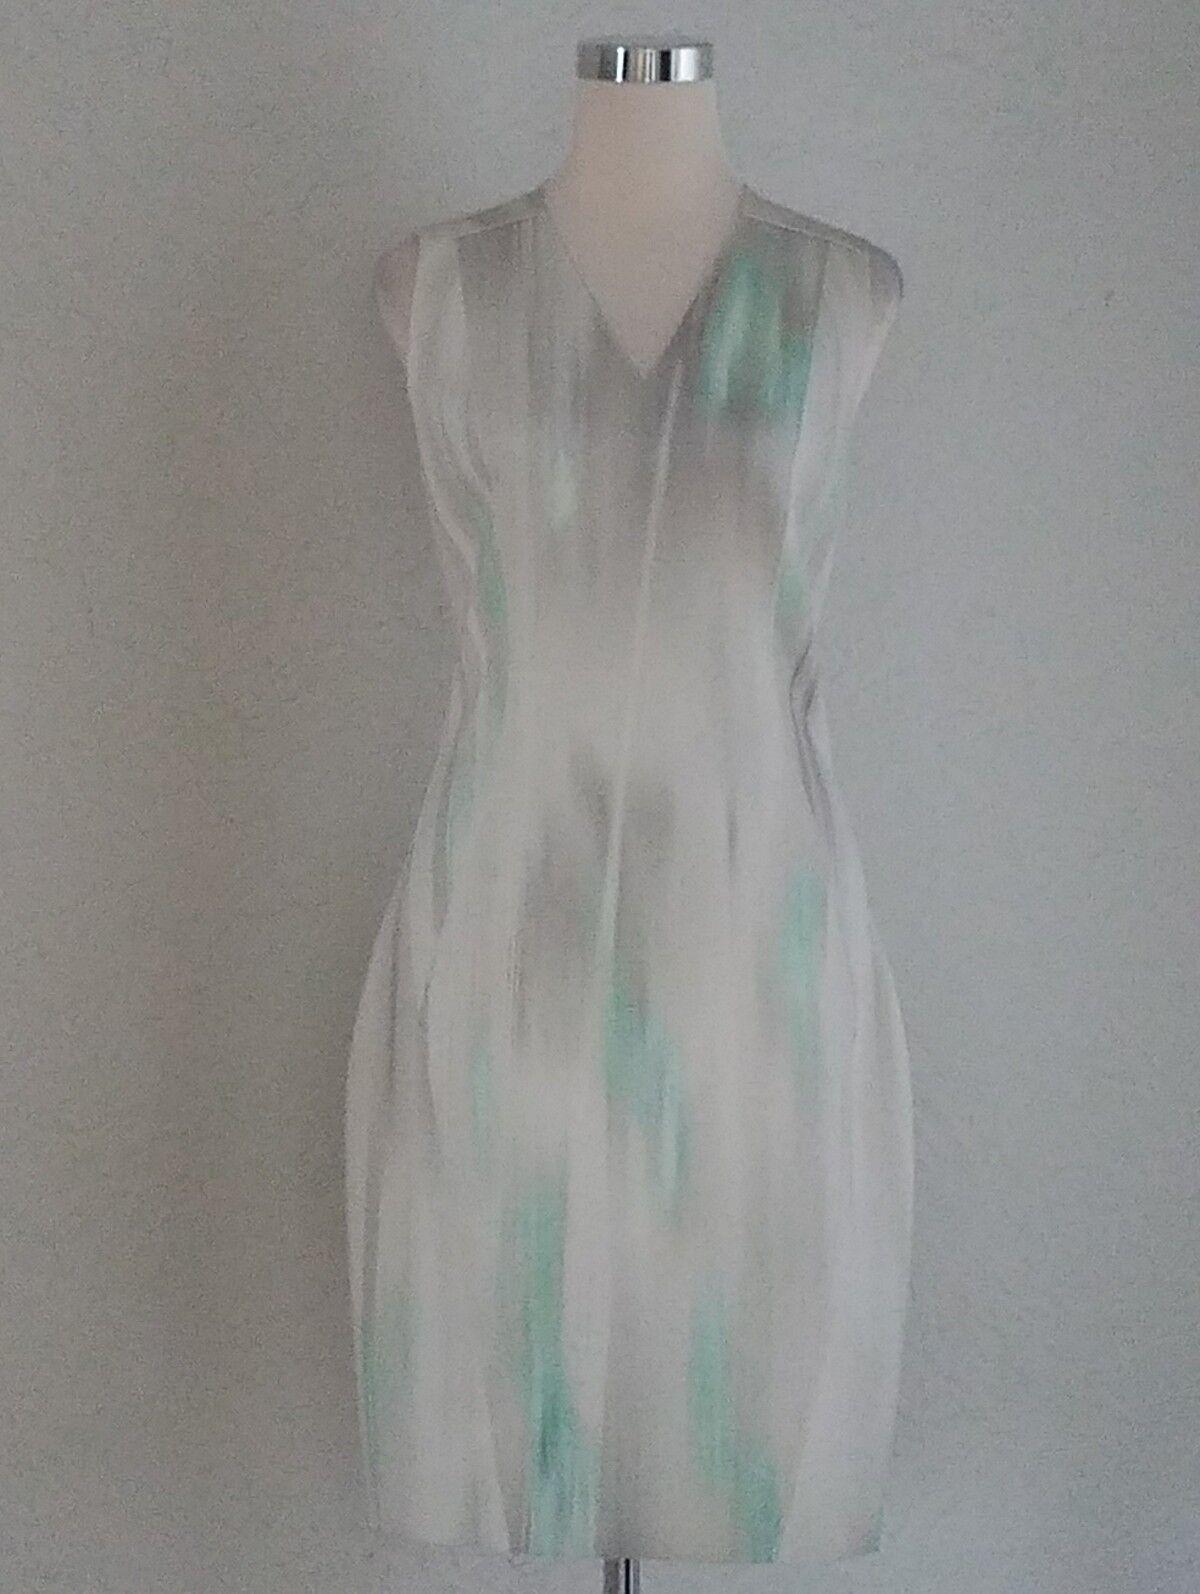 Elie Tahari Woman's Sheath Multi-color Scuba Scuba Scuba Dress Size 6 Medium  New 77687e